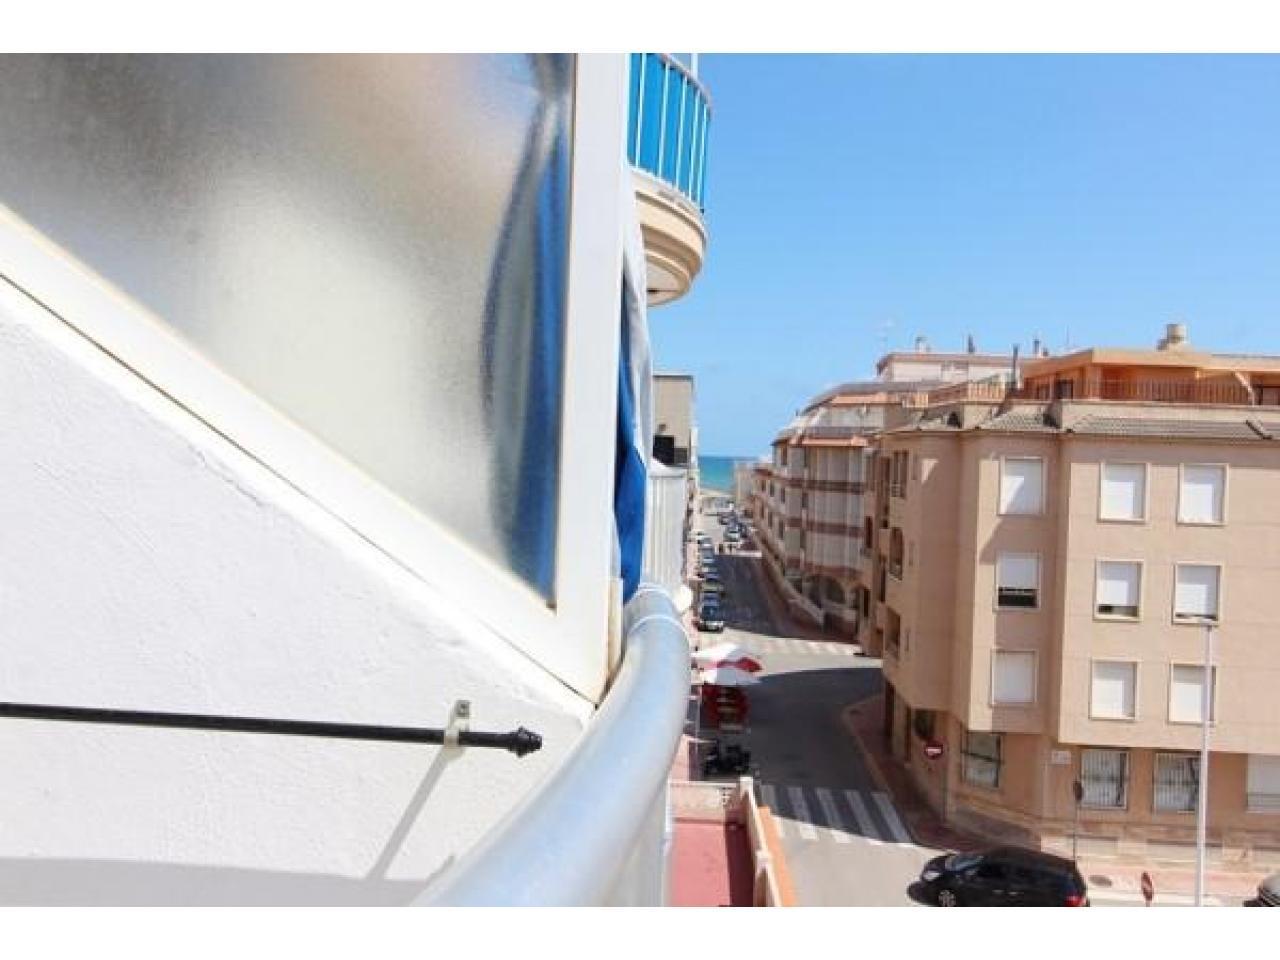 Недвижимость в Испании, Квартира с видами на море в Ла Мата,Коста Бланка,Испания - 3